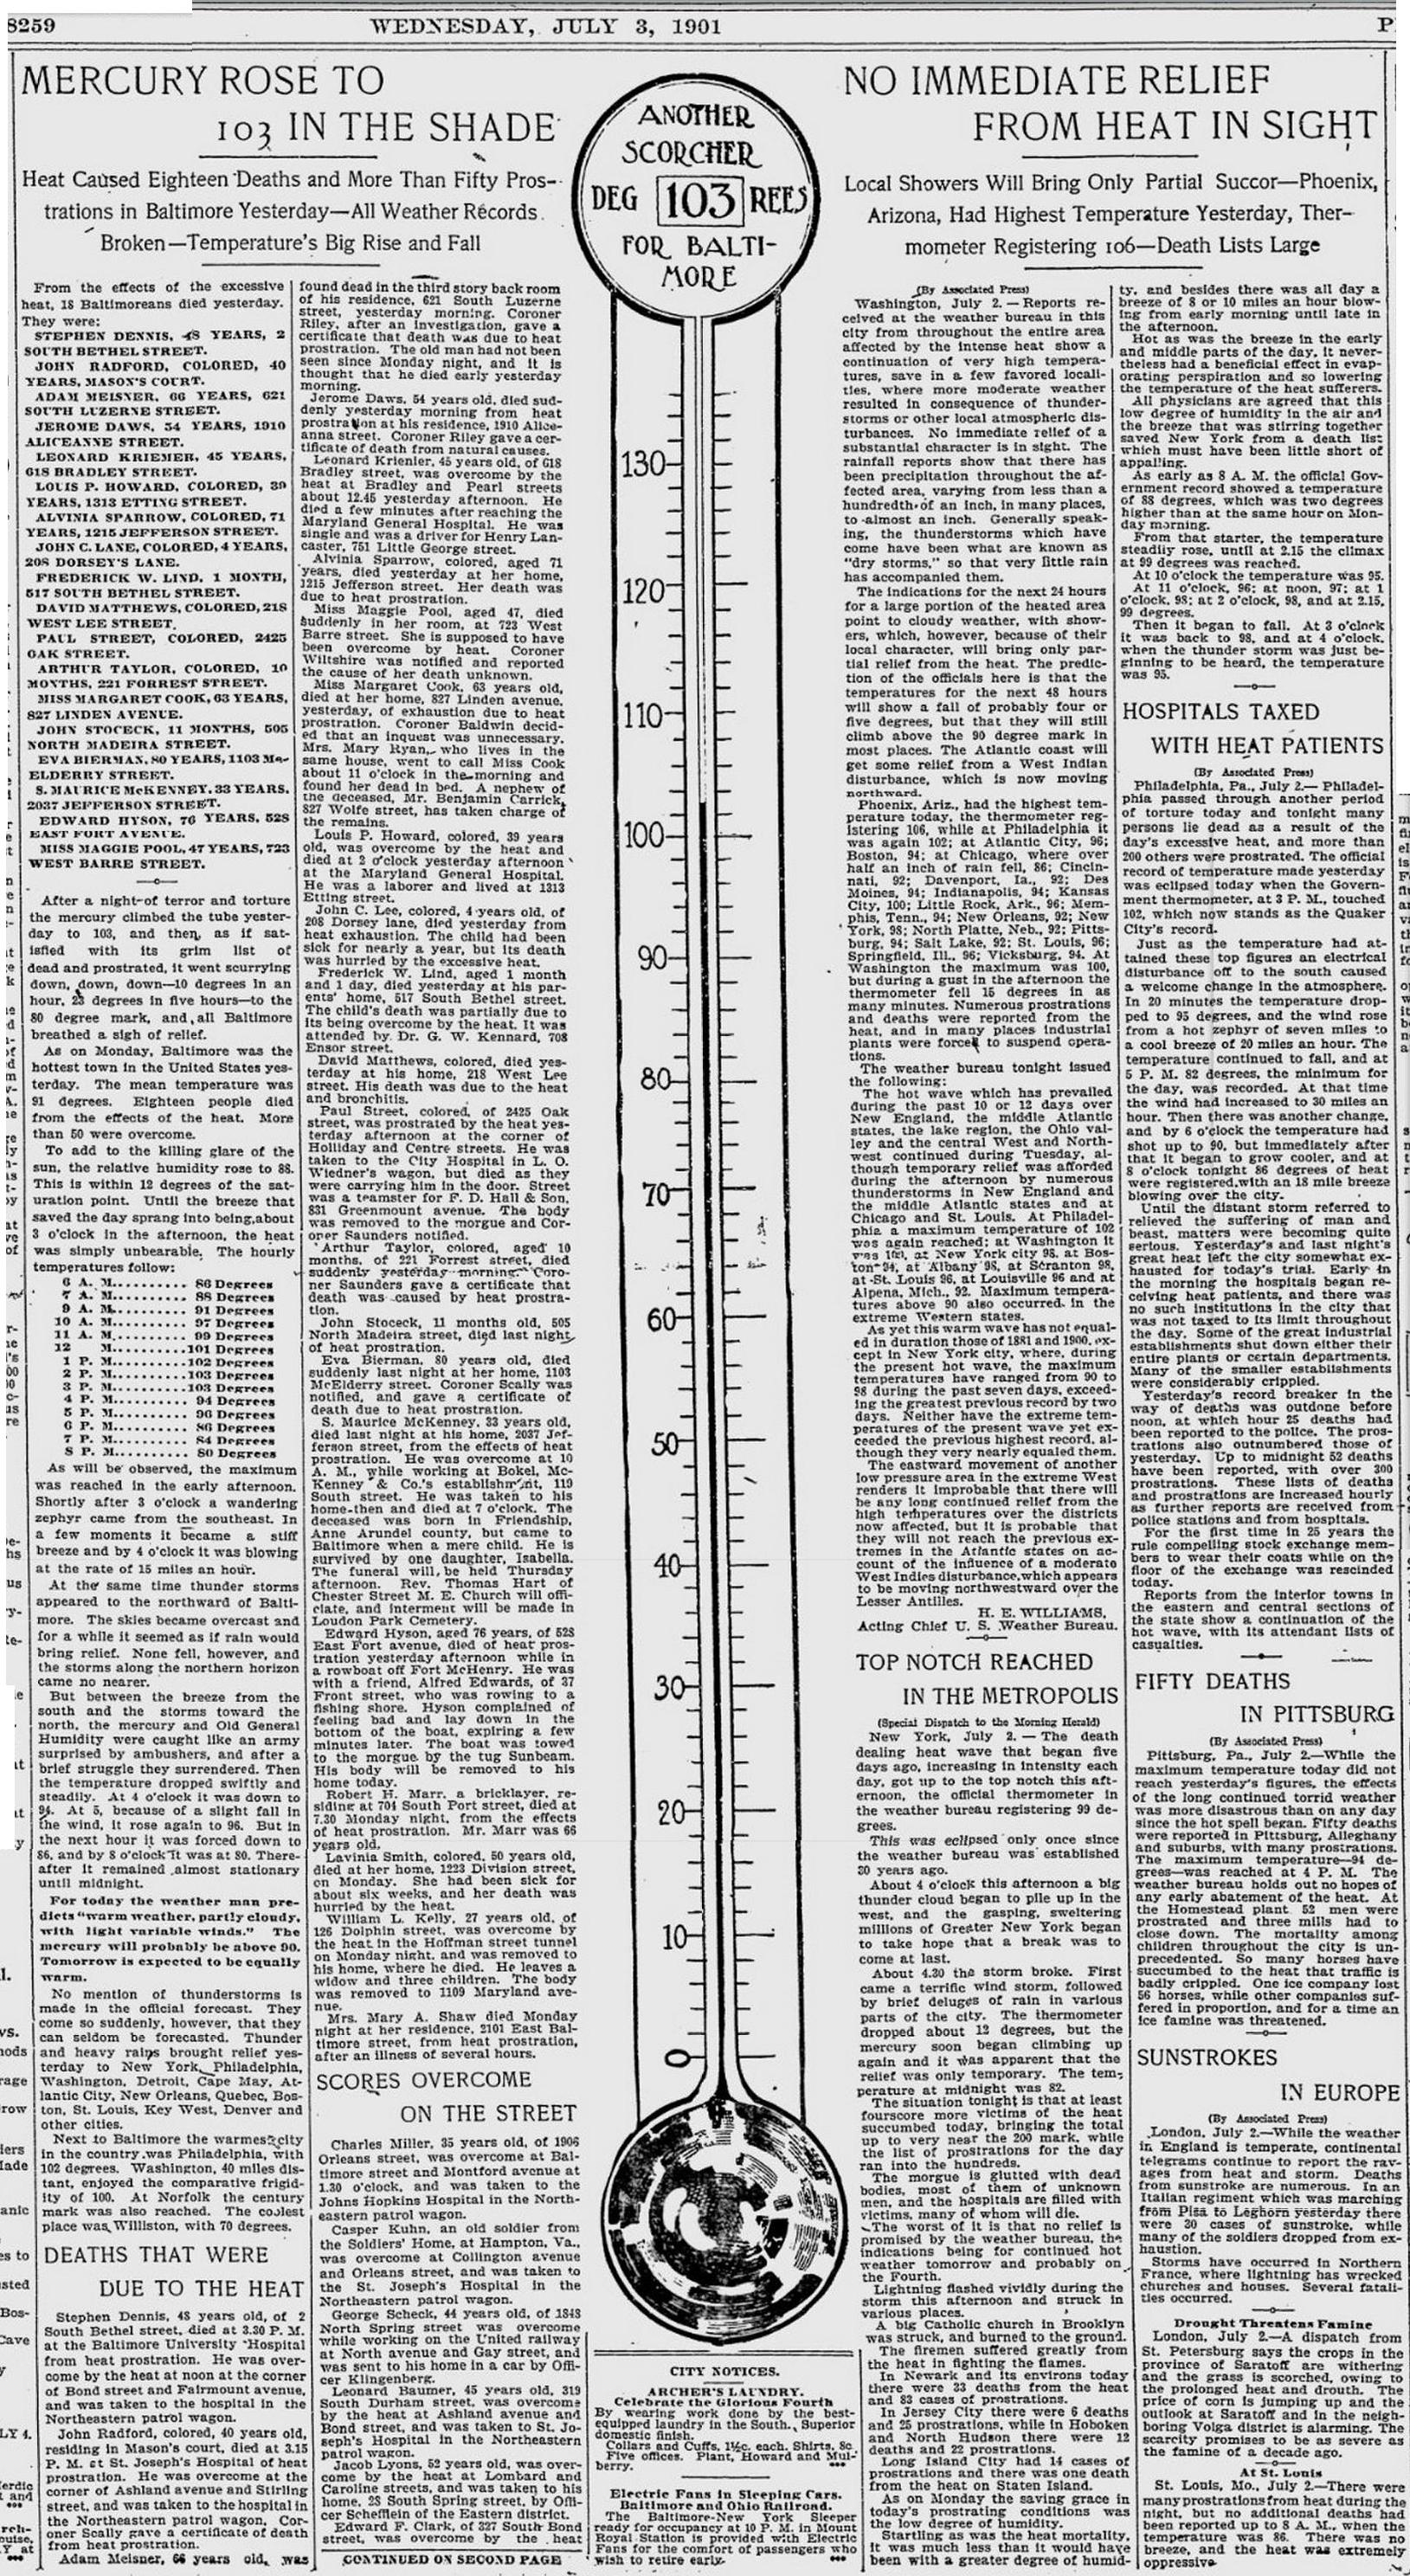 Baltimore Morning Herald - 3 July 1901